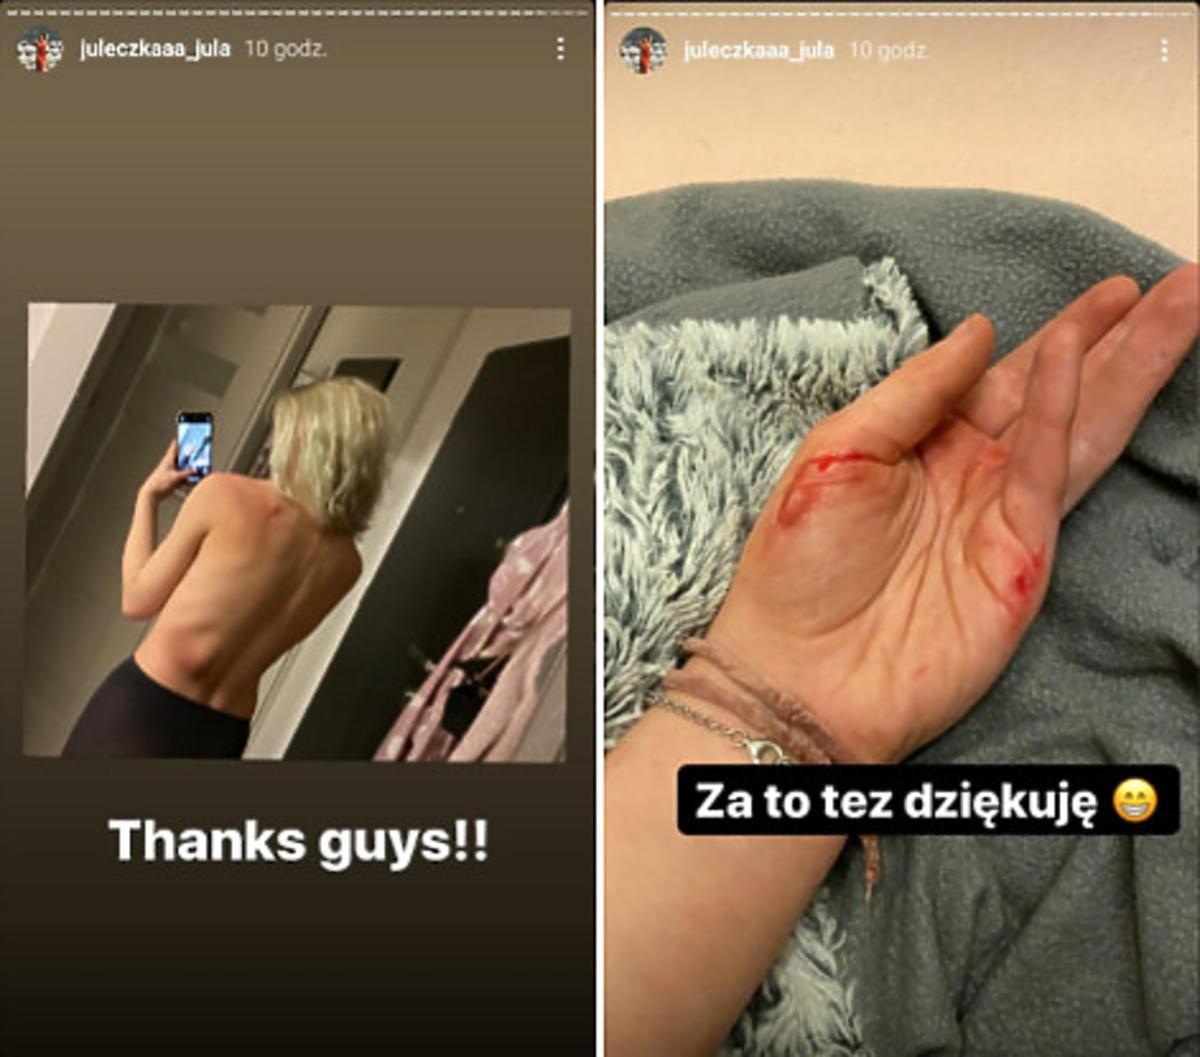 Julia Wróblewska dotkliwie pobita na Strajku Kobiet